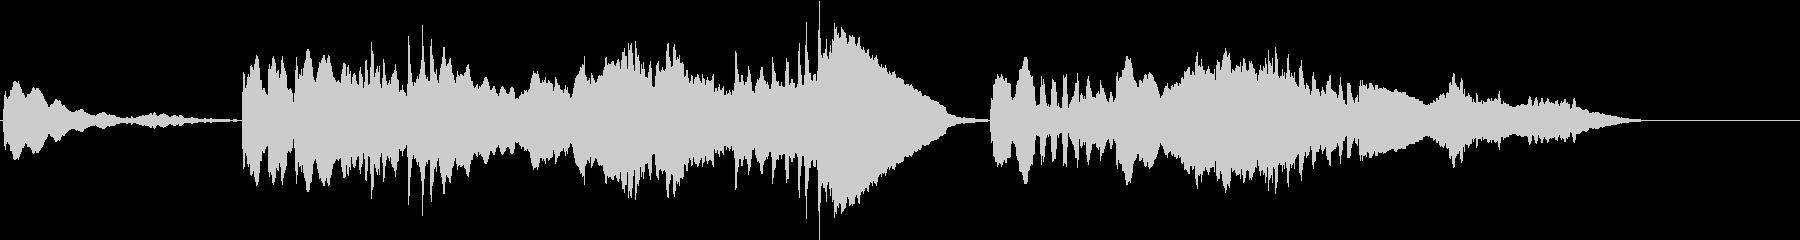 何かを予感させるクラシック マーラーの未再生の波形